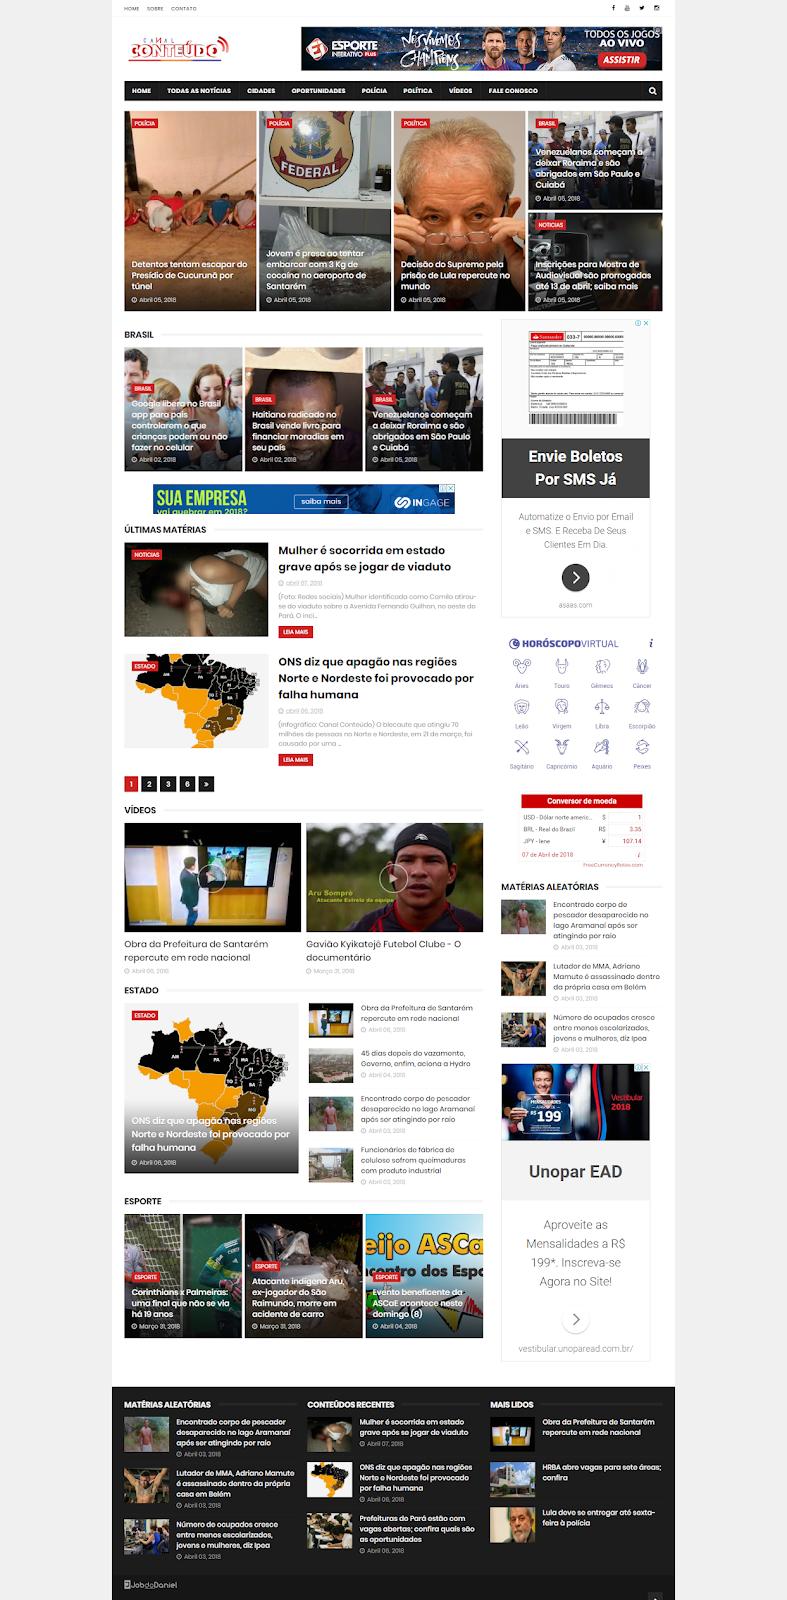 CANALCONTEUDO.com.br